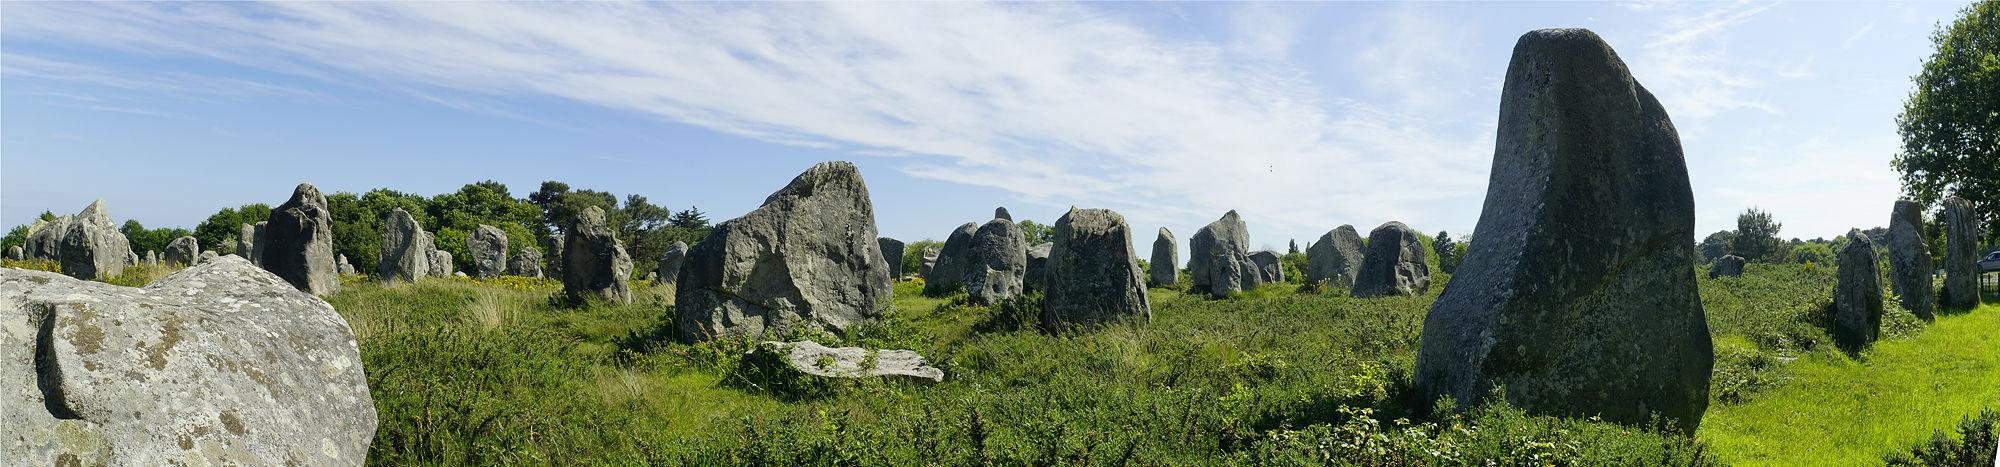 * die Steinreihen von Carnac *